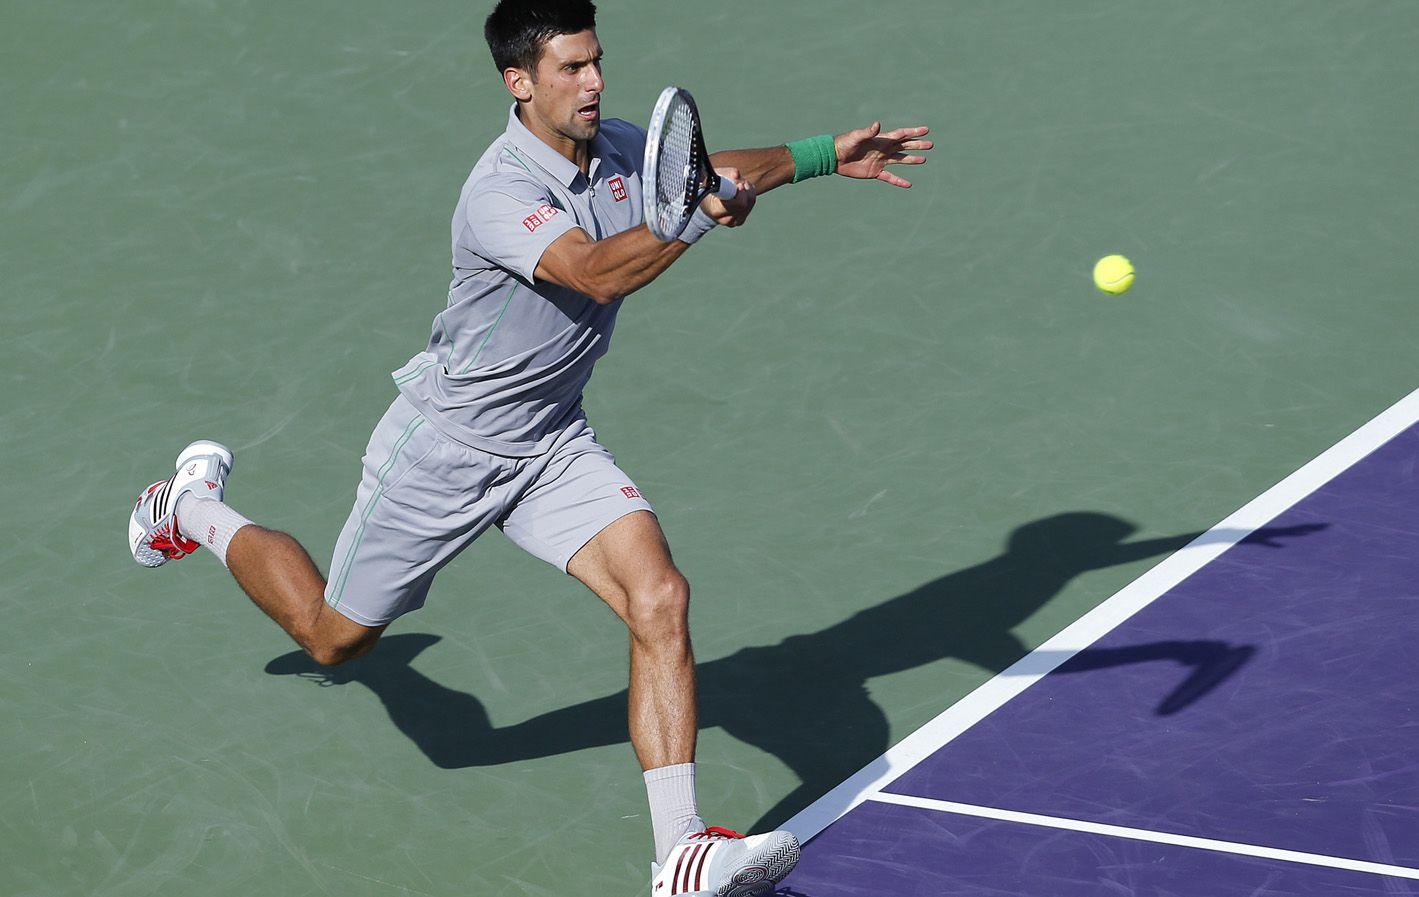 Game. Djokovic le devuelve a Murray en un apretado y polémico partido.